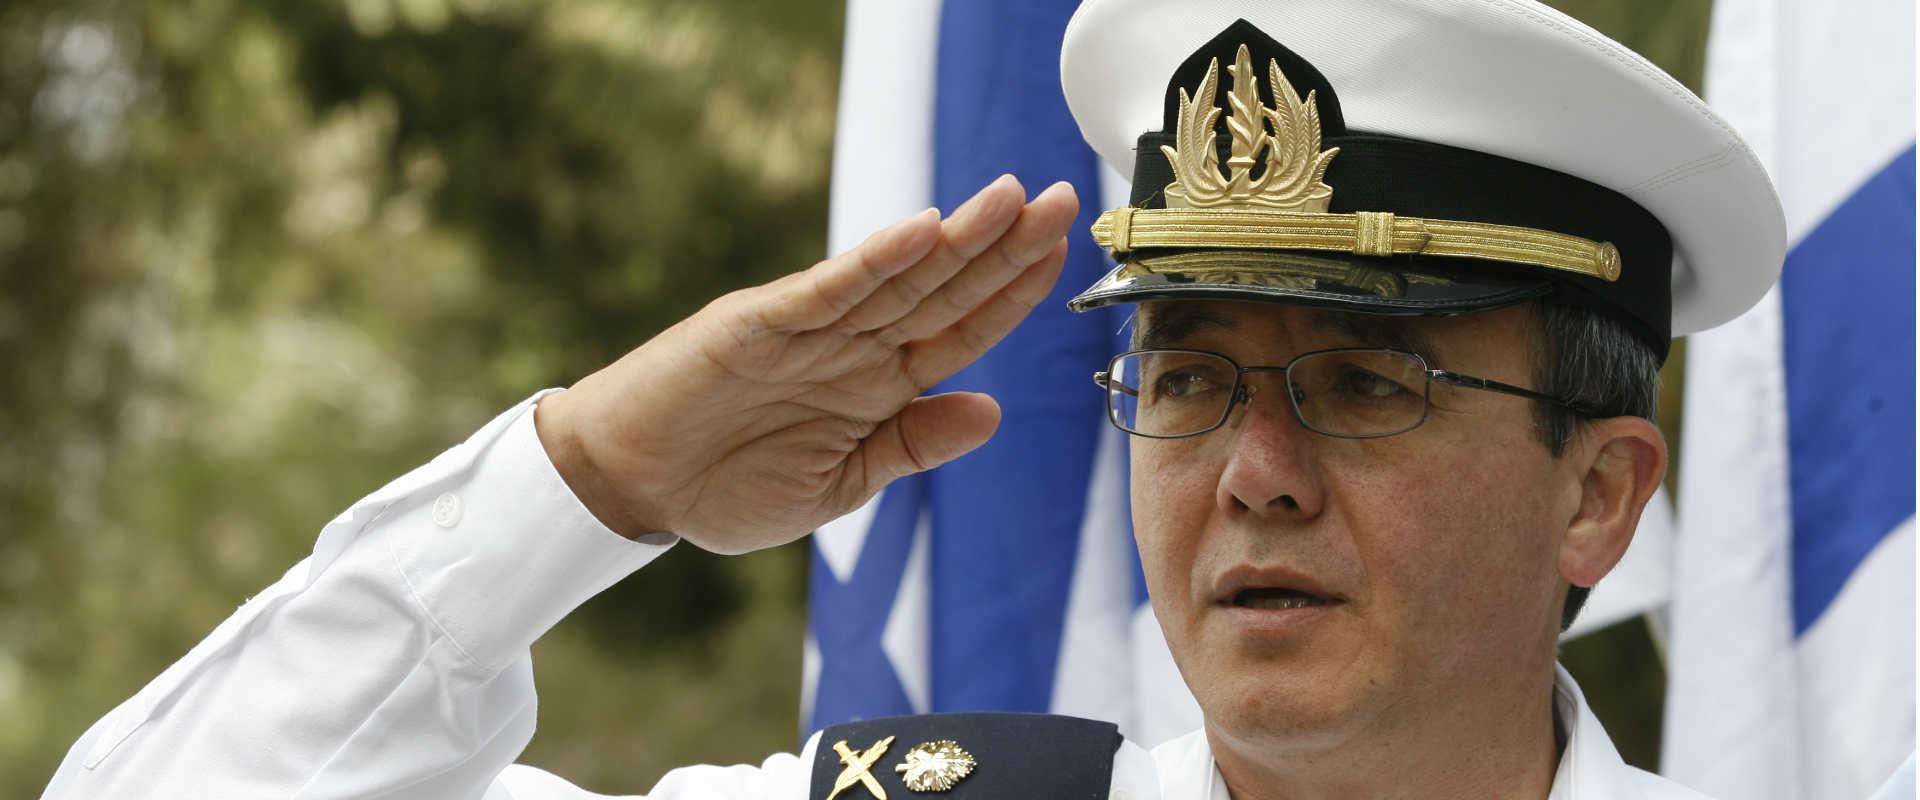 מפקד חיל הים לשעבר אליעזר (צ'ייני) מרום